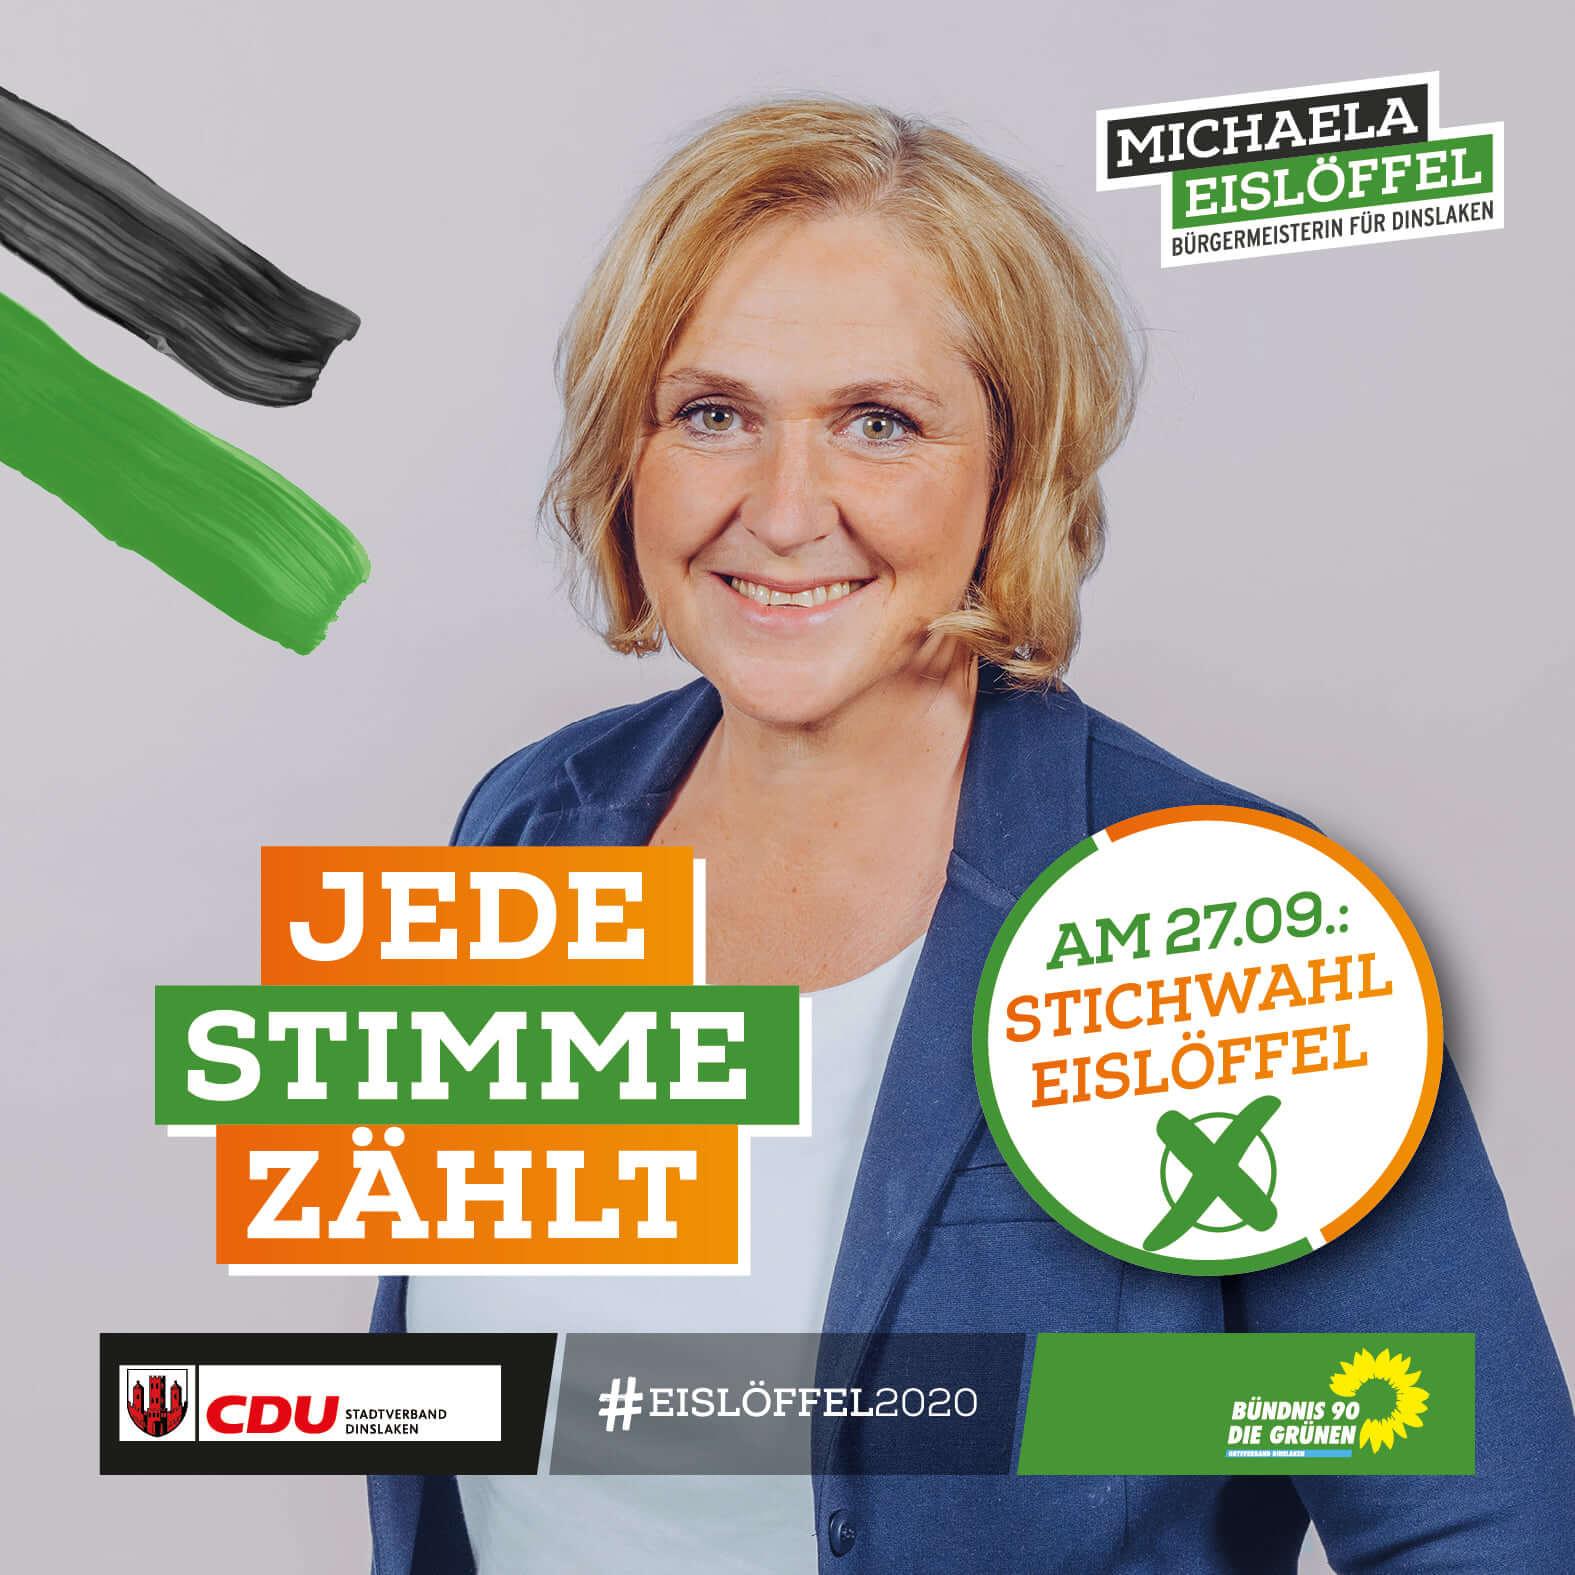 Michaela Eislöffel - Jede Stimme zählt - Am 27 September 2020 ist Stichwahl - Machen Sie Ihr Kreuz bei Eislöffel und sorgen Sie für frischen Wind in Dinslaken